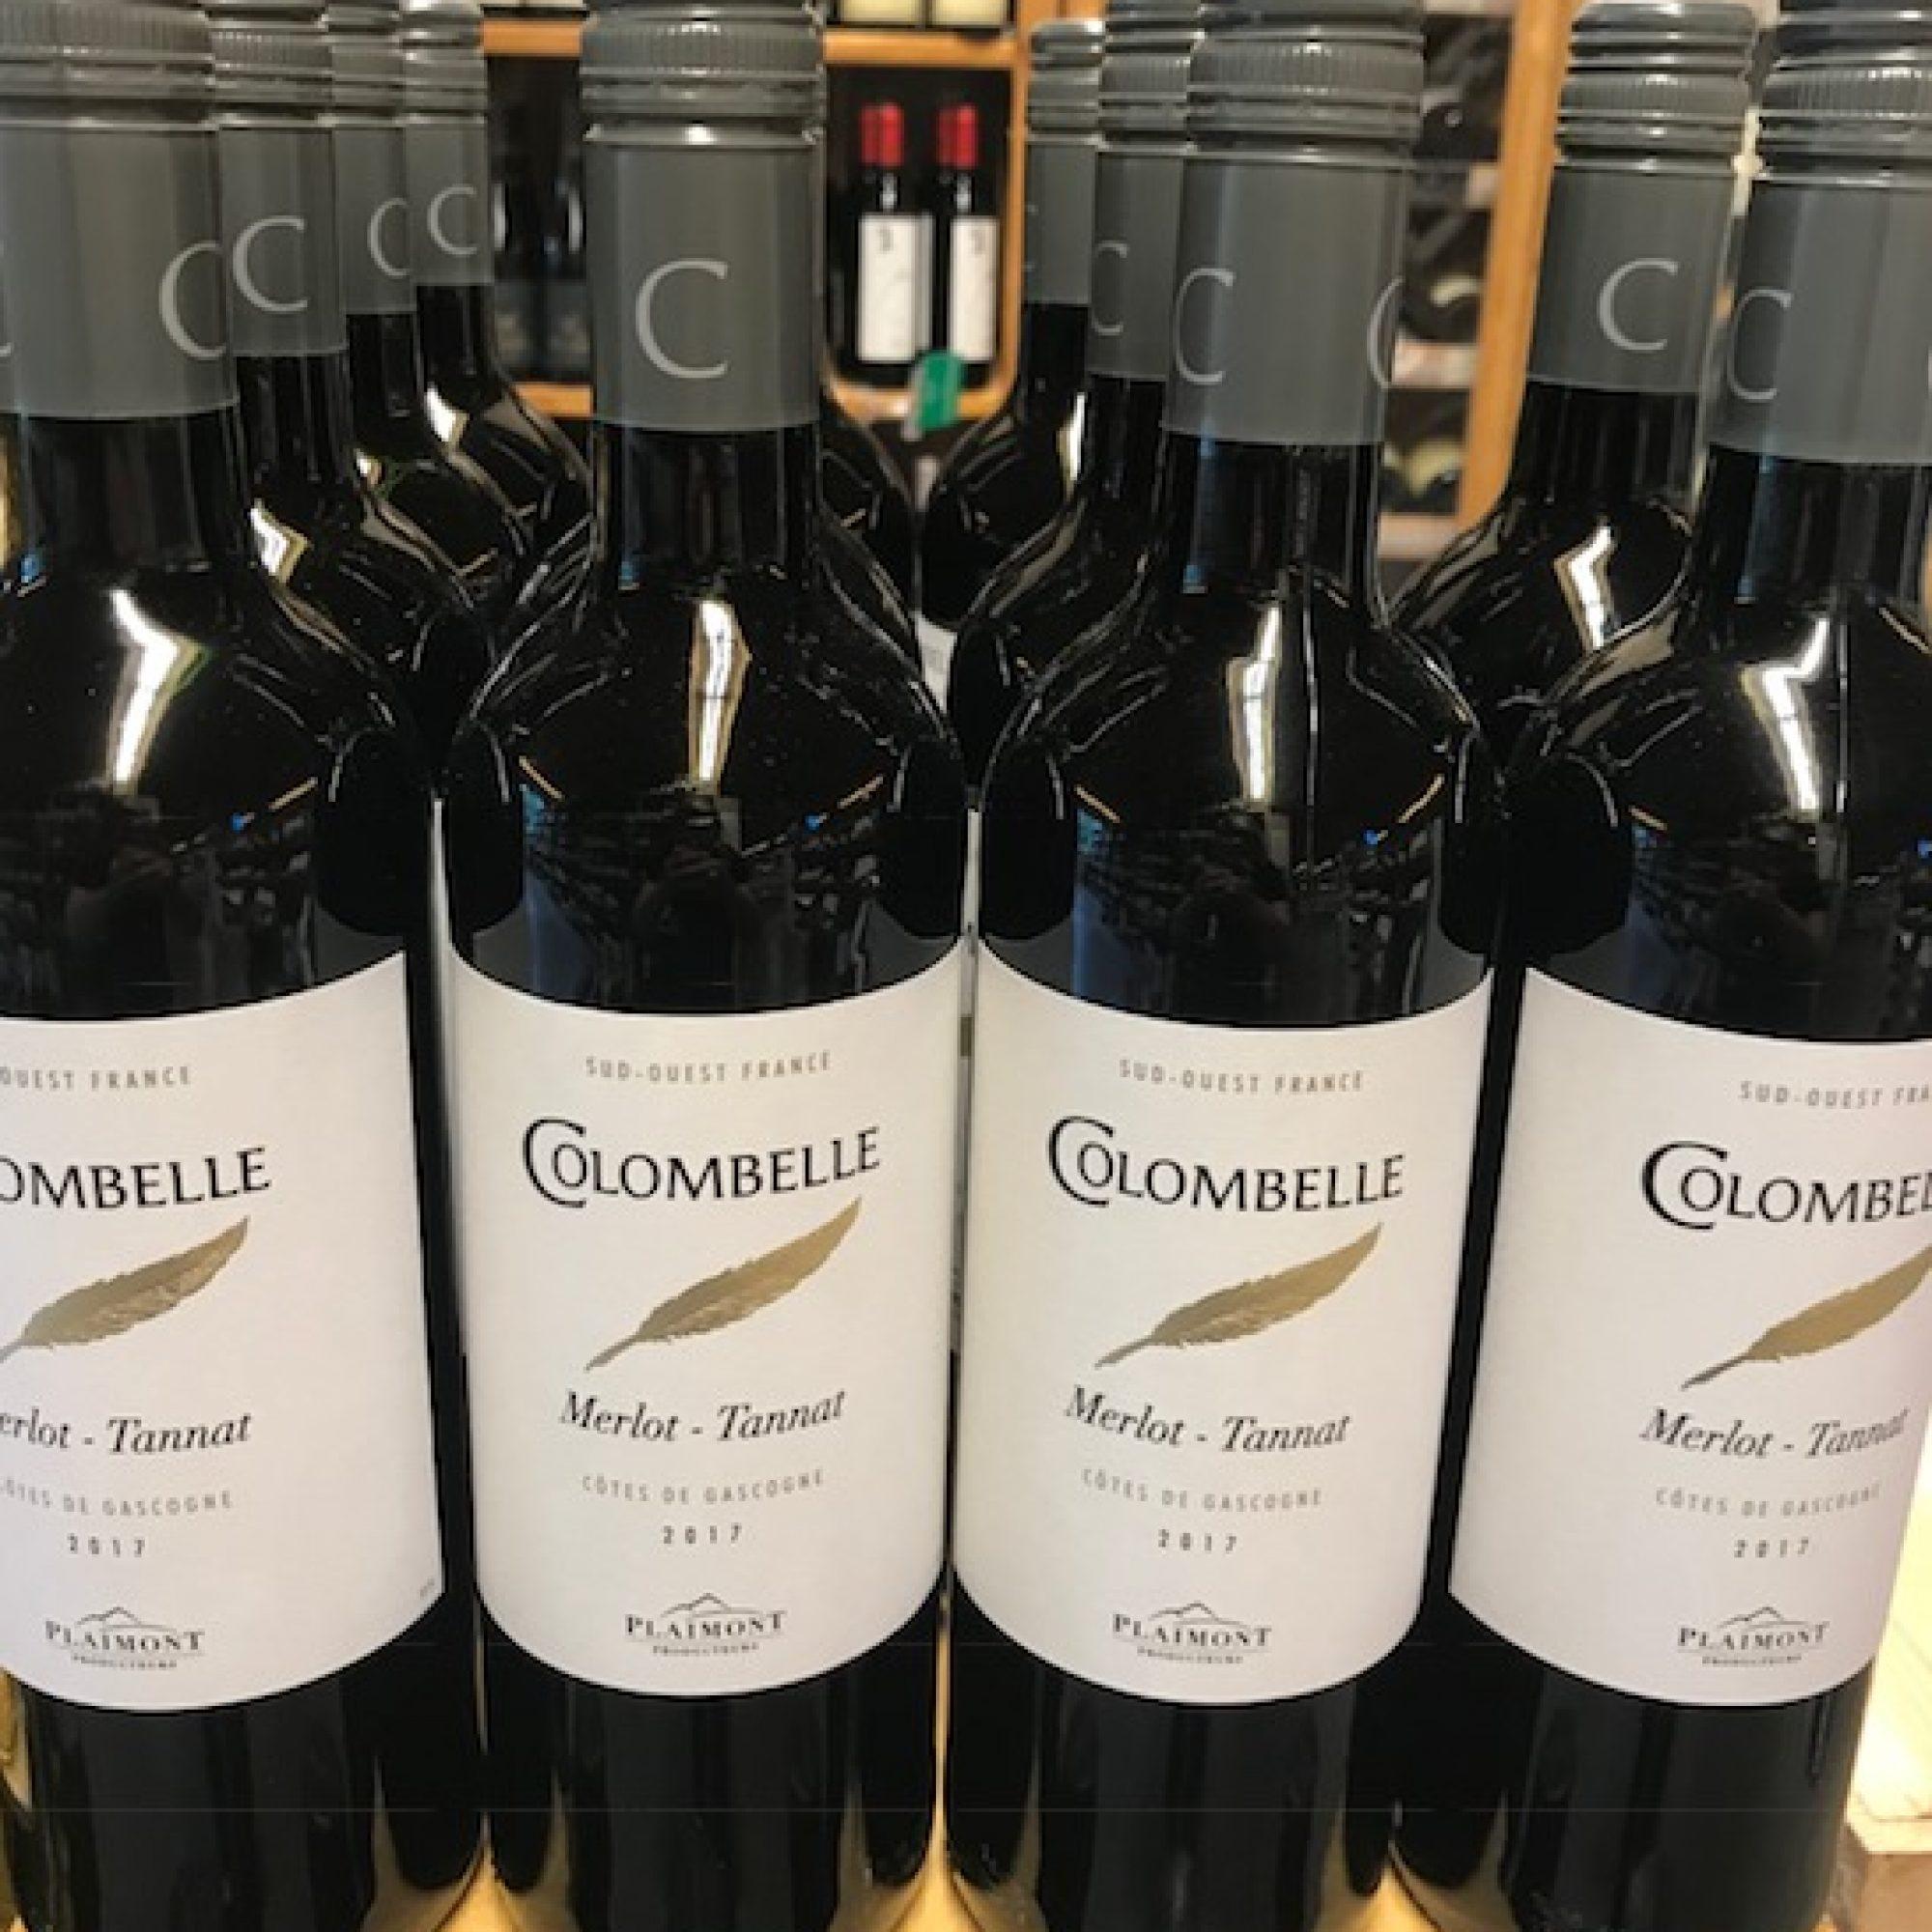 Colombelle Merlot-Tannat